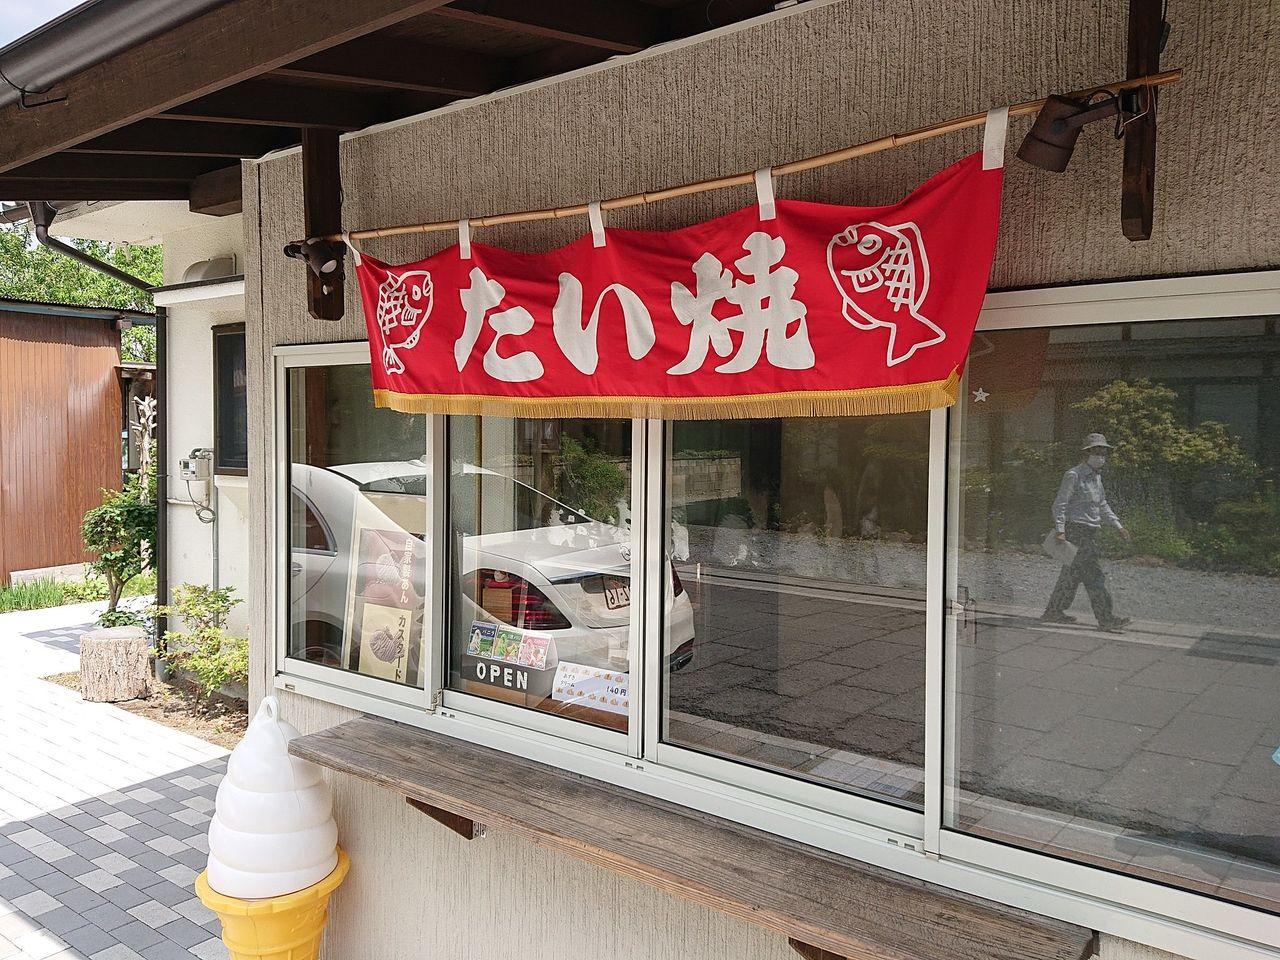 #軽井沢グルメ たい焼き「たい焼き さとう」 追分宿 テイクアウト